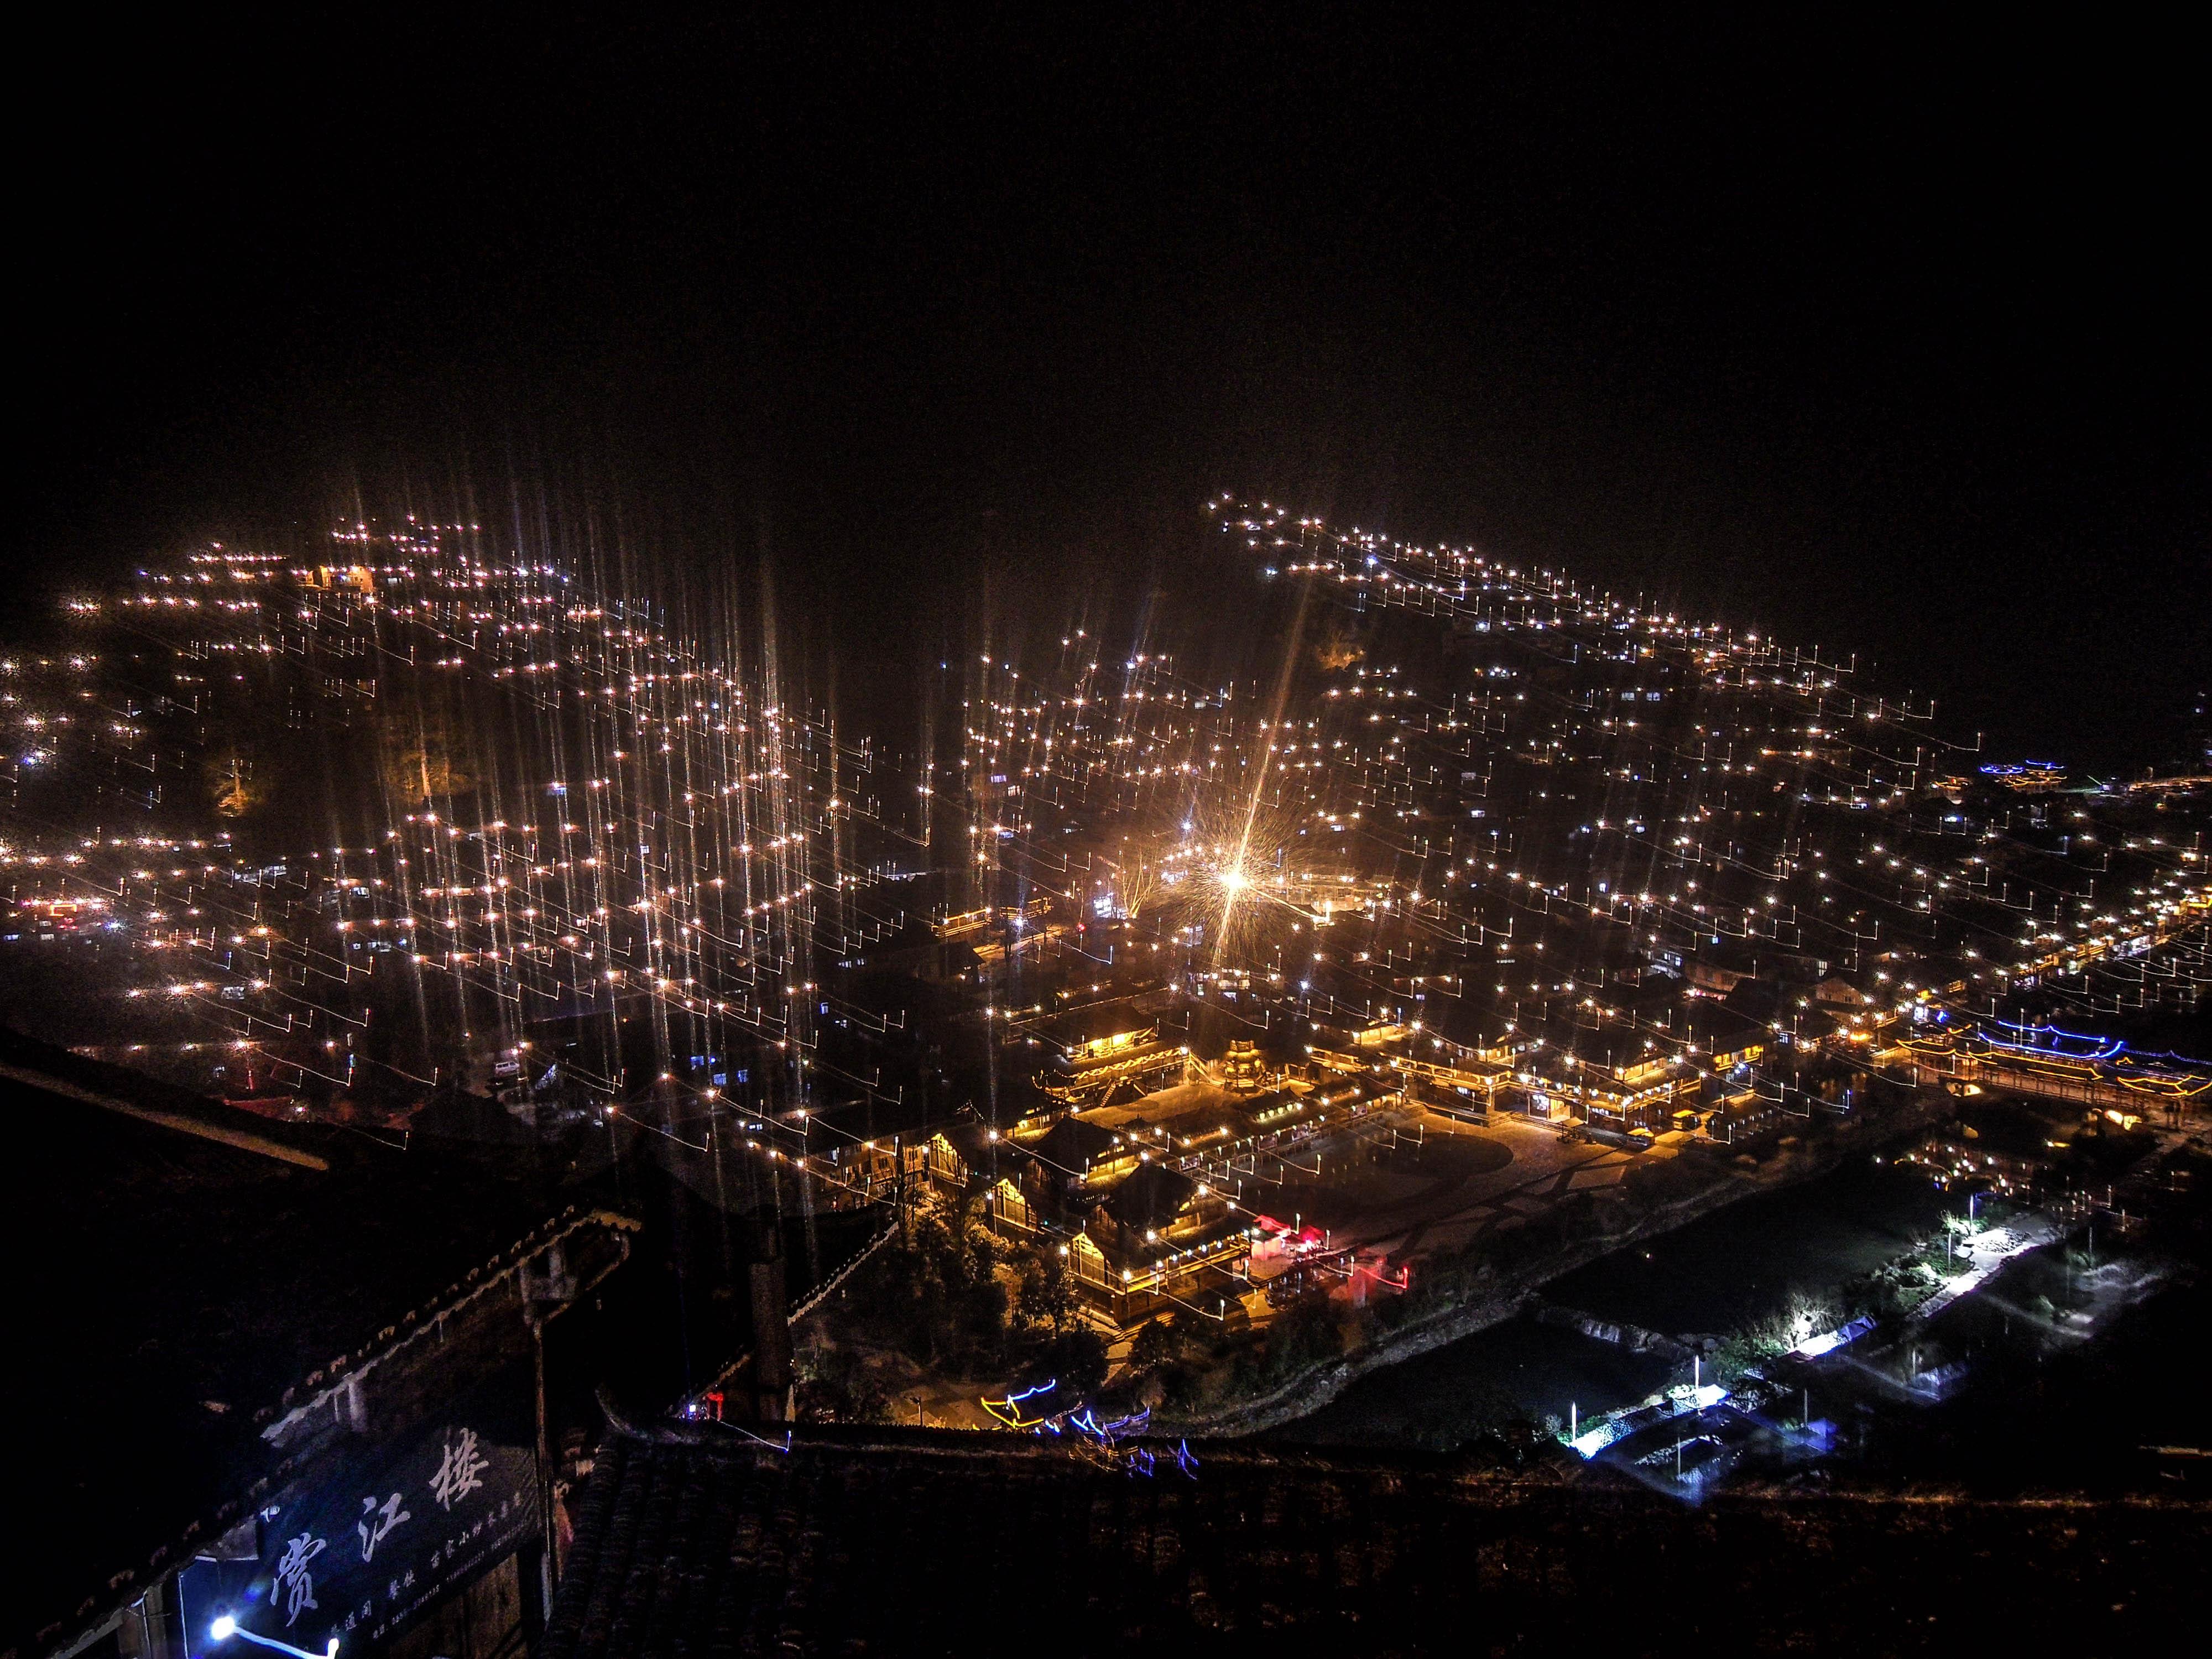 Toàn cảnh làng Miêu, Tây Giang vào ban đêm